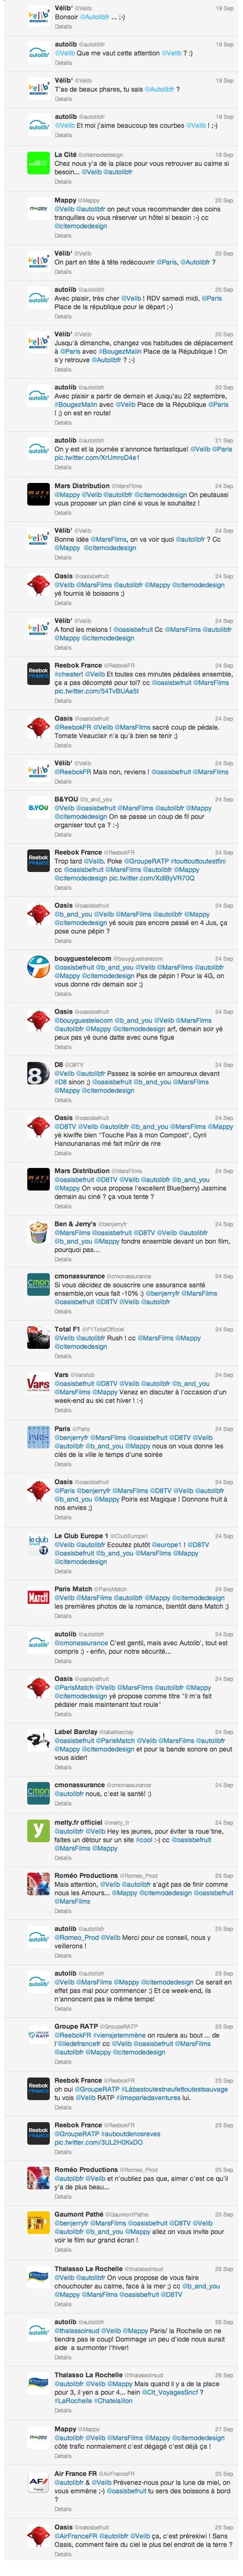 Les CMs de Vélib' et Autolib, ou ceux qui ont créé la plus grande conversation de marques connue à ce jour | Bouche à Email | Scoop.it